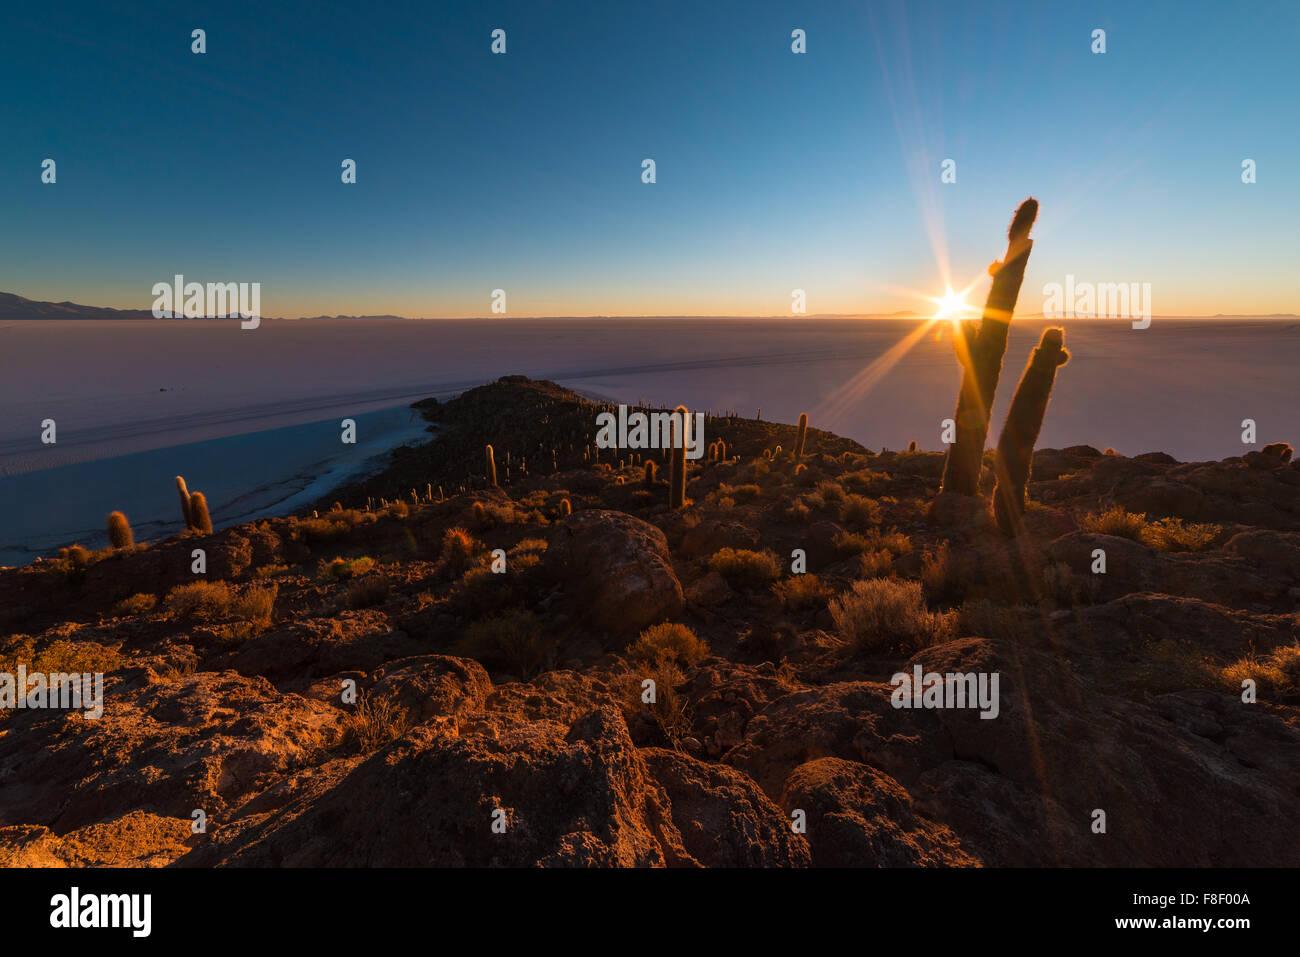 Le soleil levant à l'horizon, les majestueux de sel d'Uyuni, la plus importante destination de voyage Photo Stock